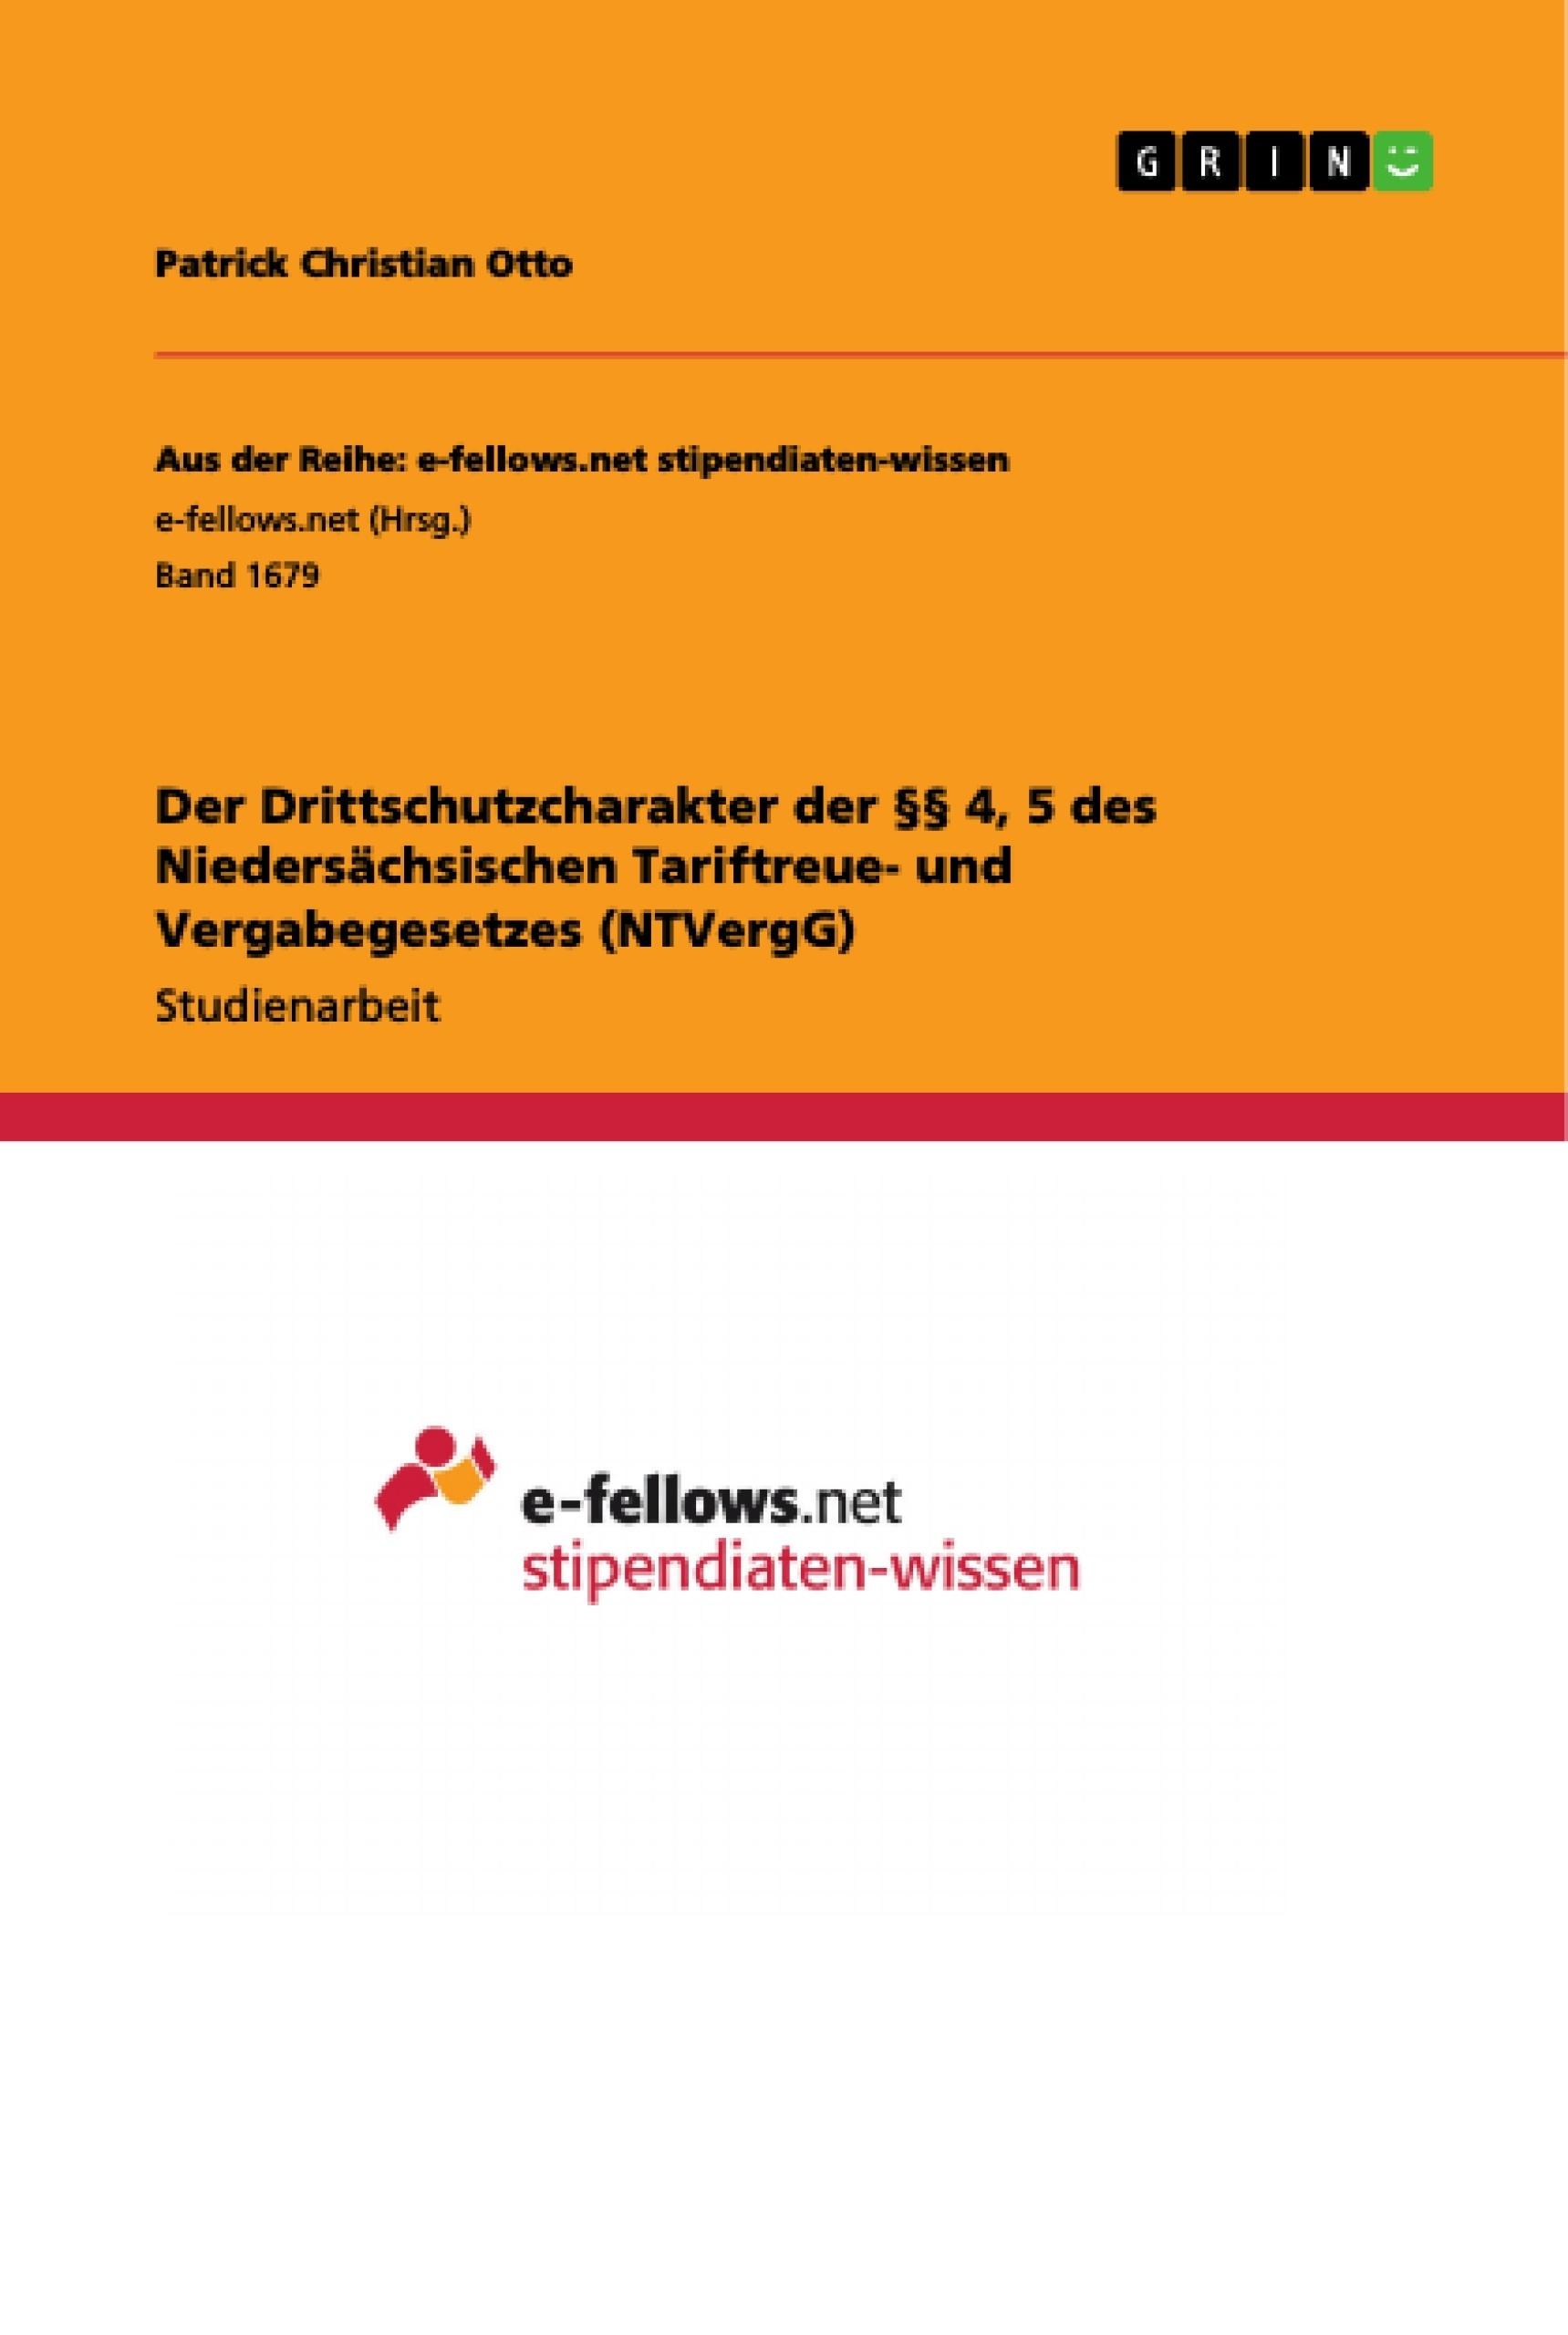 Titel: Der Drittschutzcharakter der §§ 4, 5 des Niedersächsischen Tariftreue- und Vergabegesetzes (NTVergG)